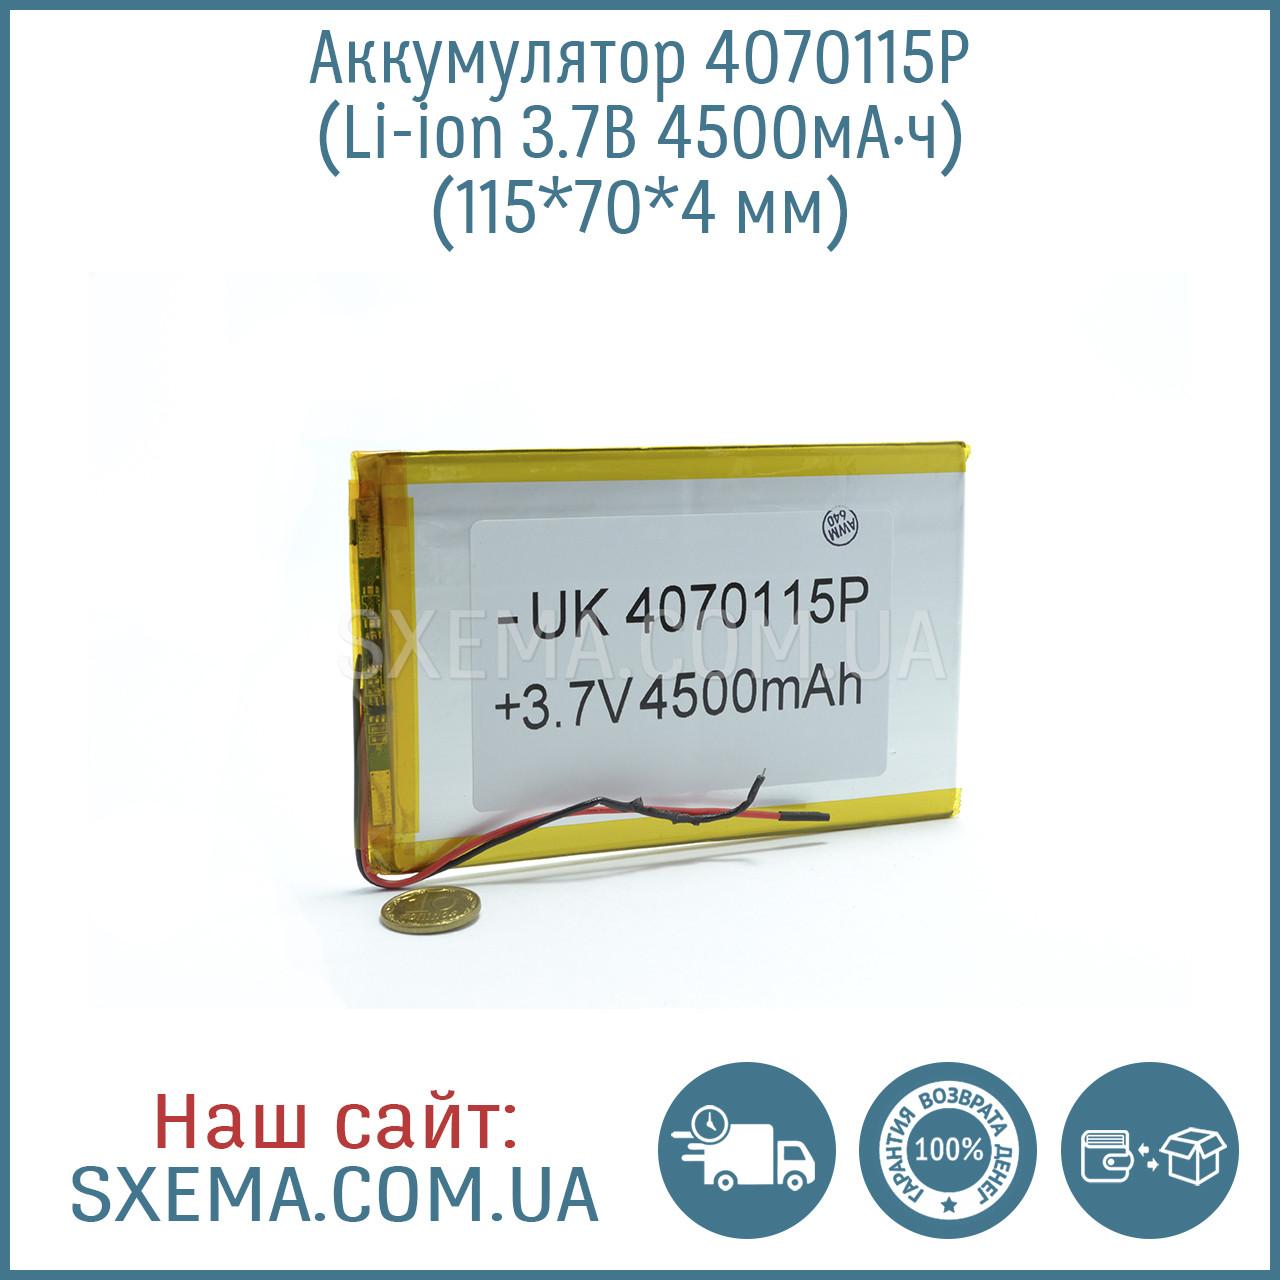 Аккумулятор универсальный 4070115   (Li-ion 3.7В 4500мА·ч), (115*70*4 мм)